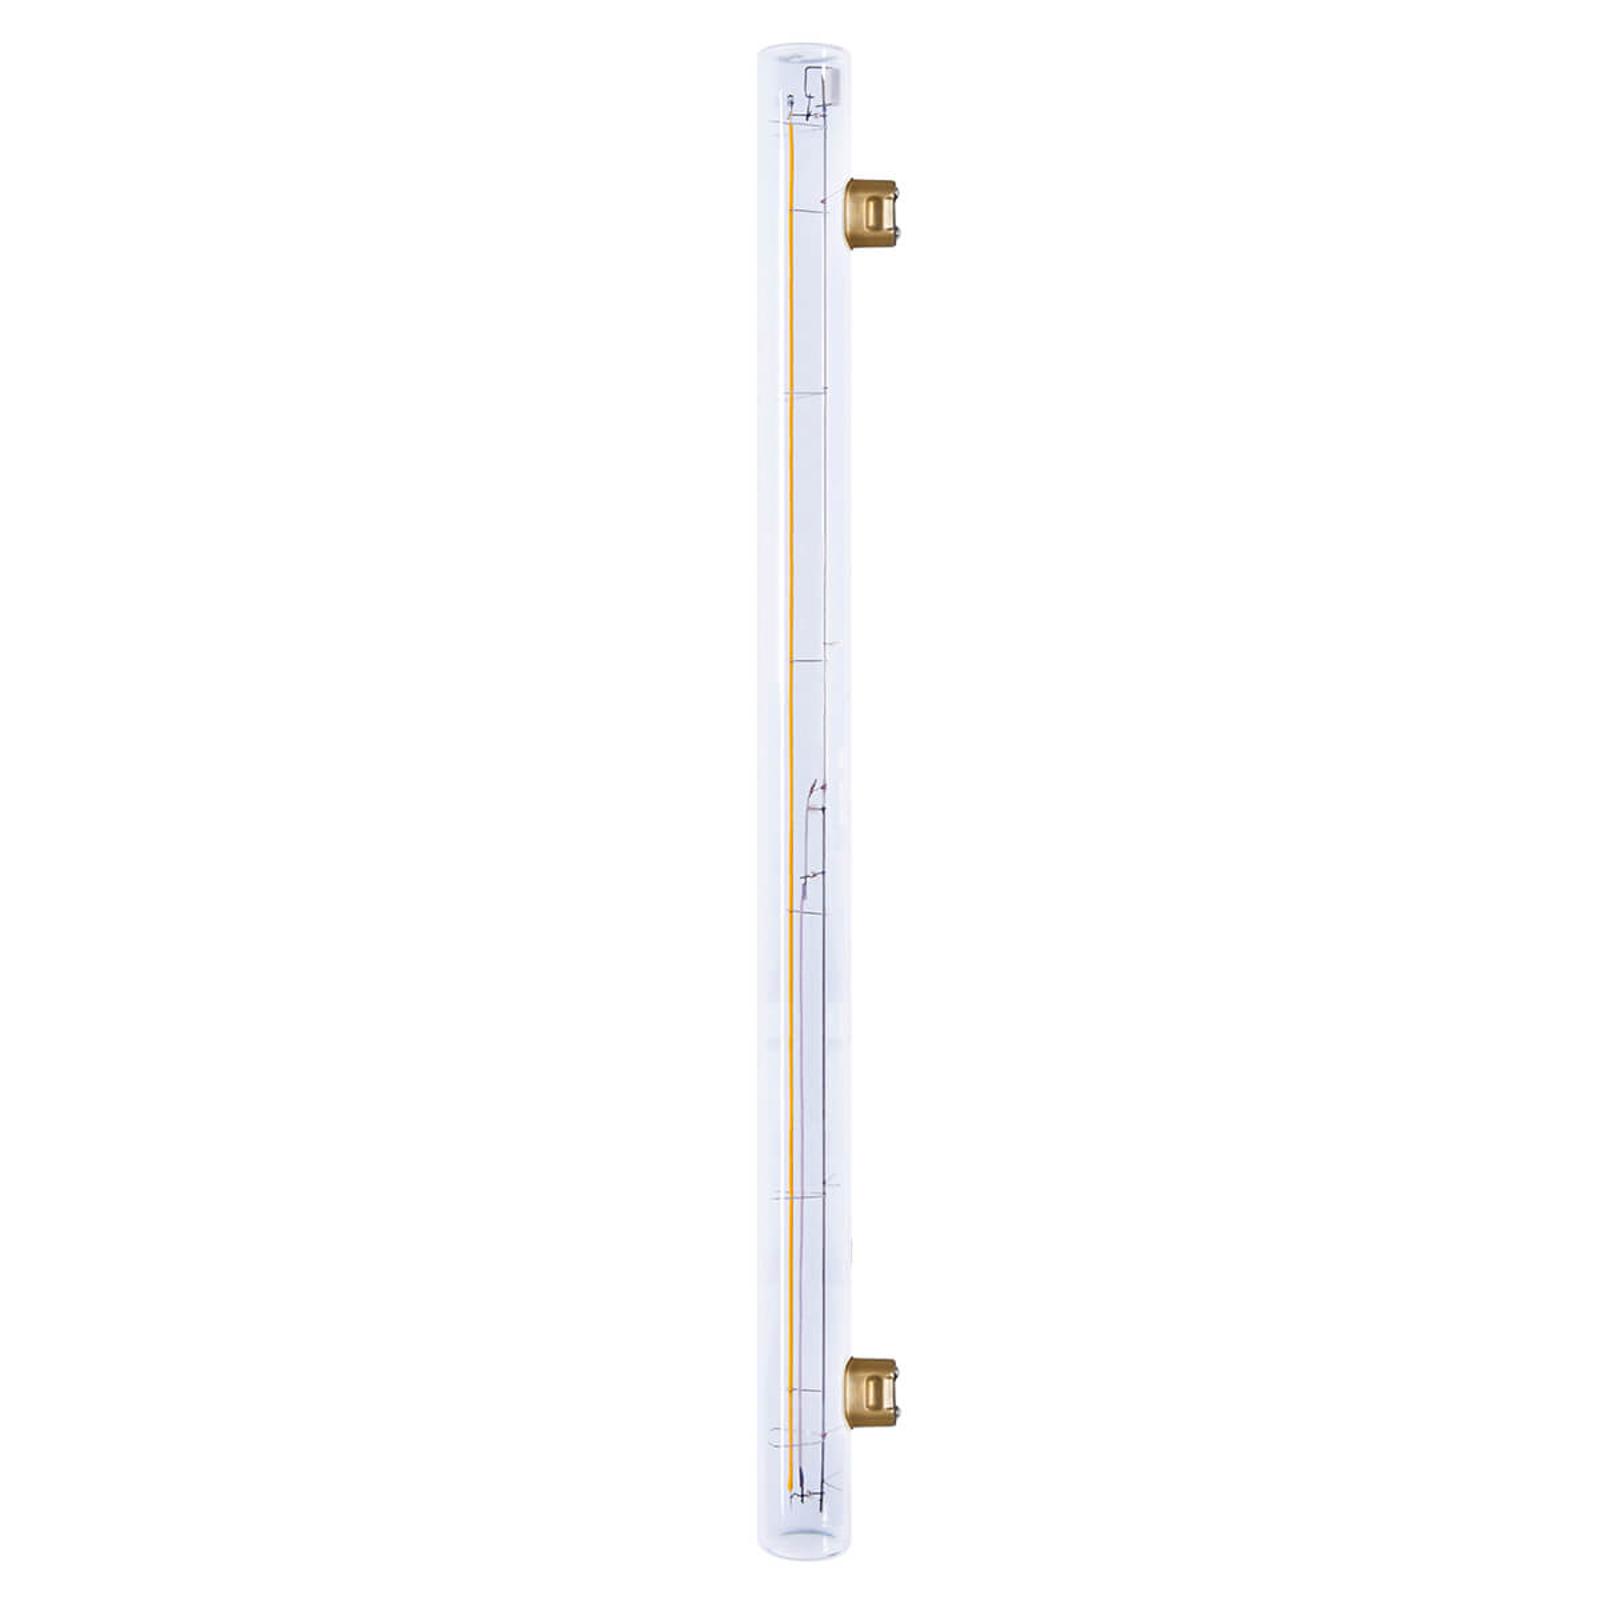 S14s 12W 922 LED lijnlamp, 500 mm